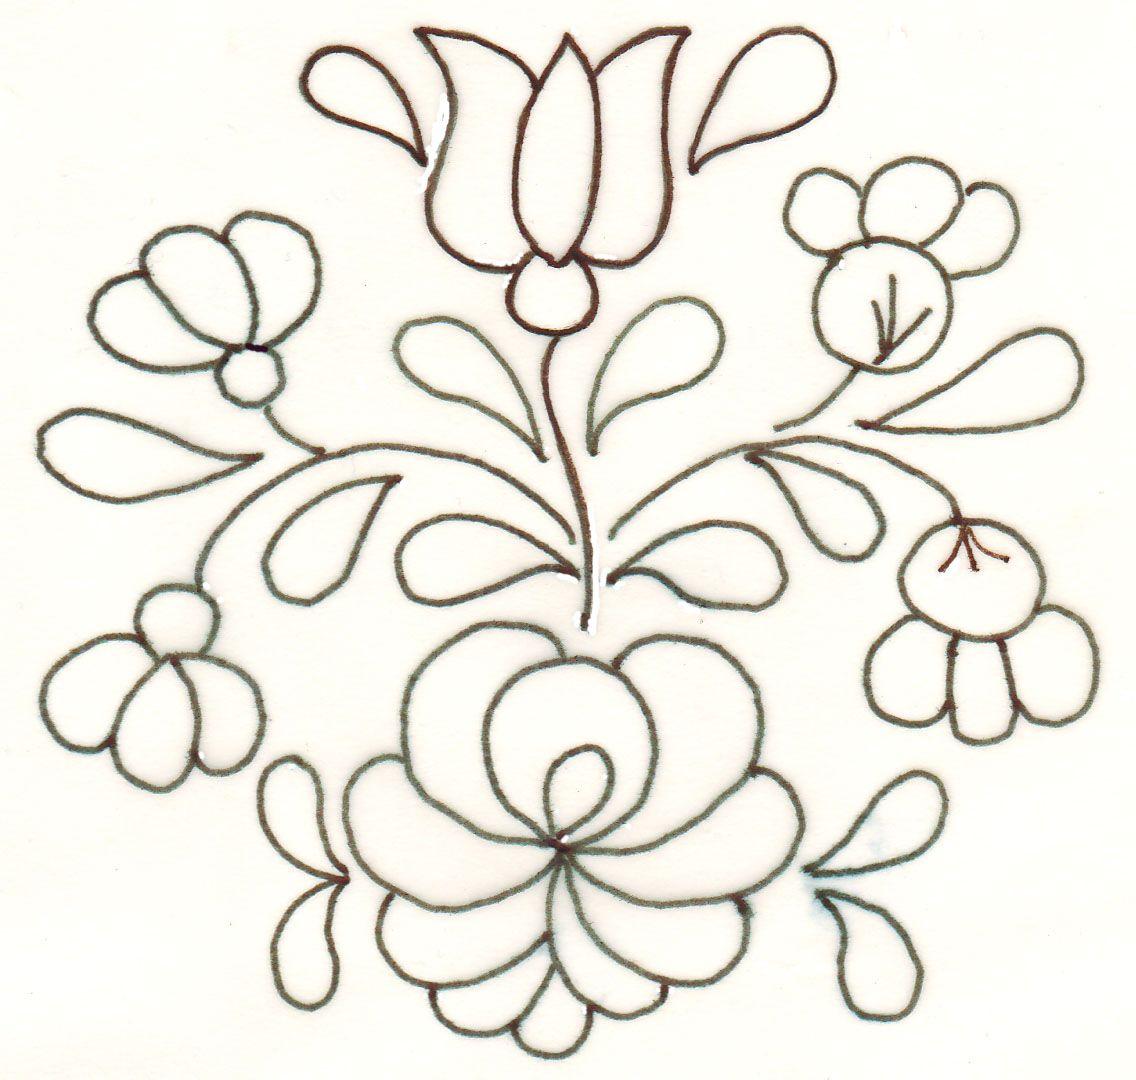 Pin de Martha Ricalde en Templates & Stencils | Pinterest | Bordado ...